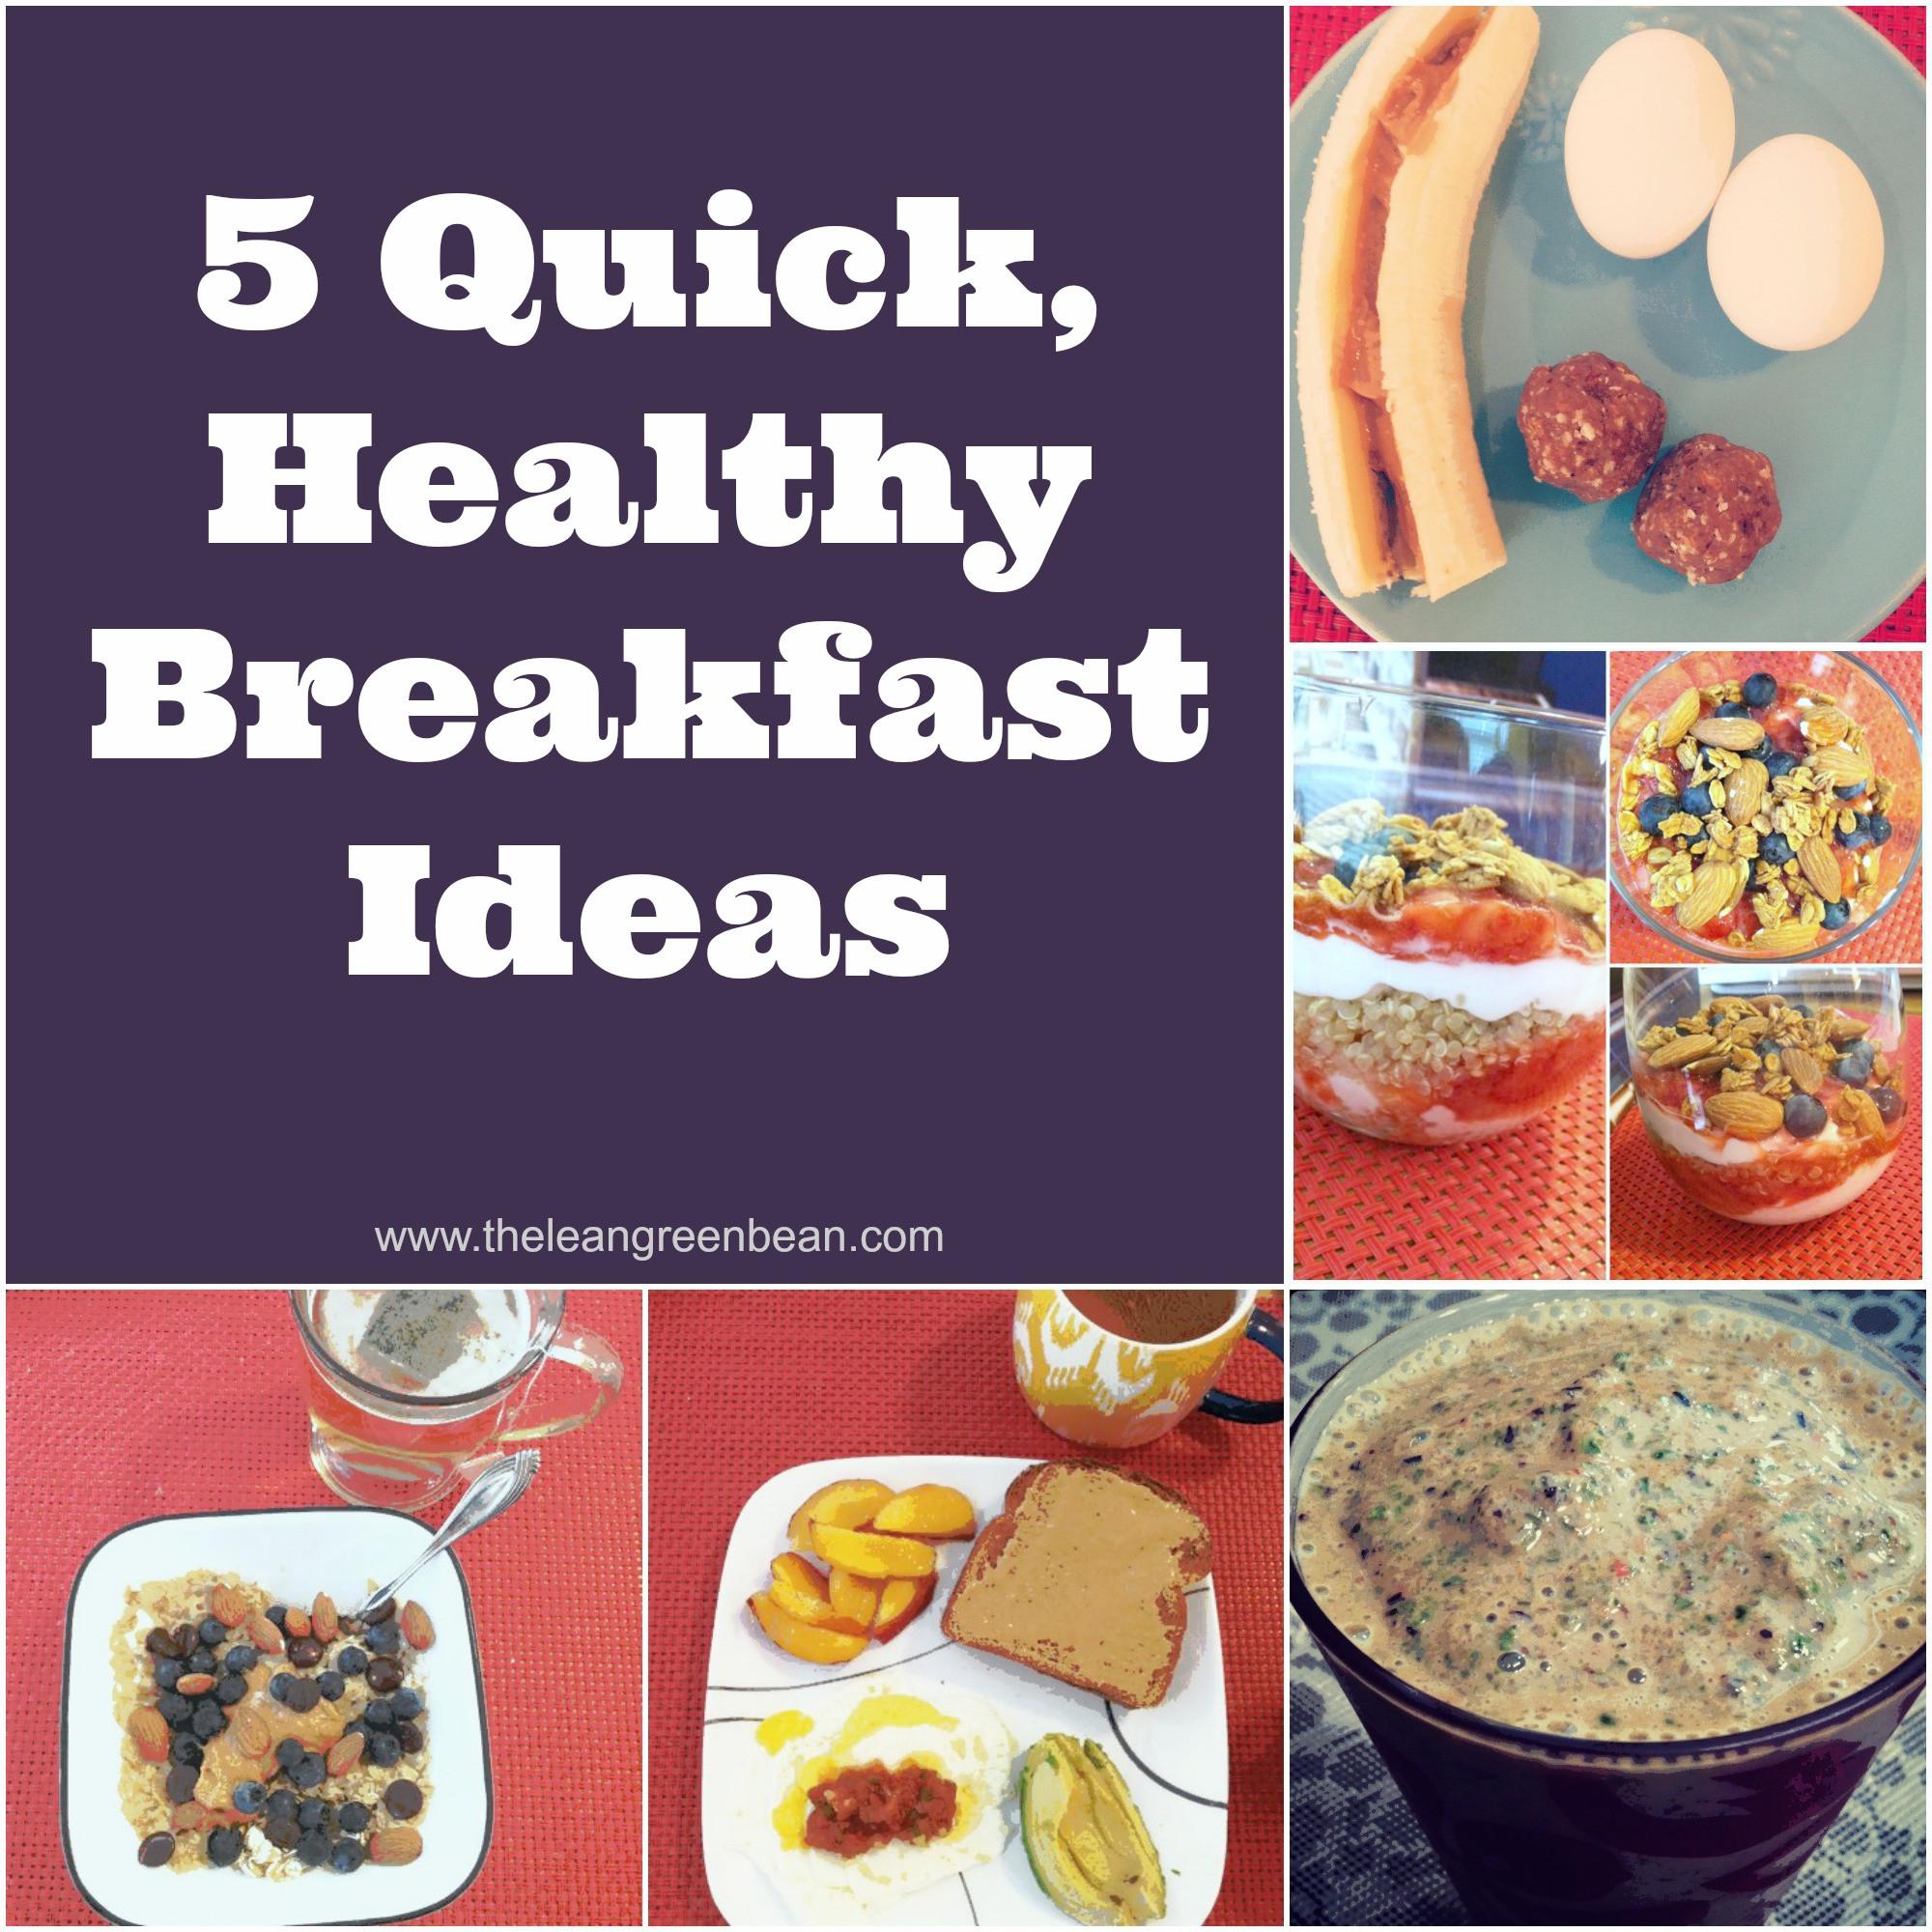 Healthy Fast Breakfast Ideas  5 Quick Healthy Breakfast Ideas from a Registered Dietitian